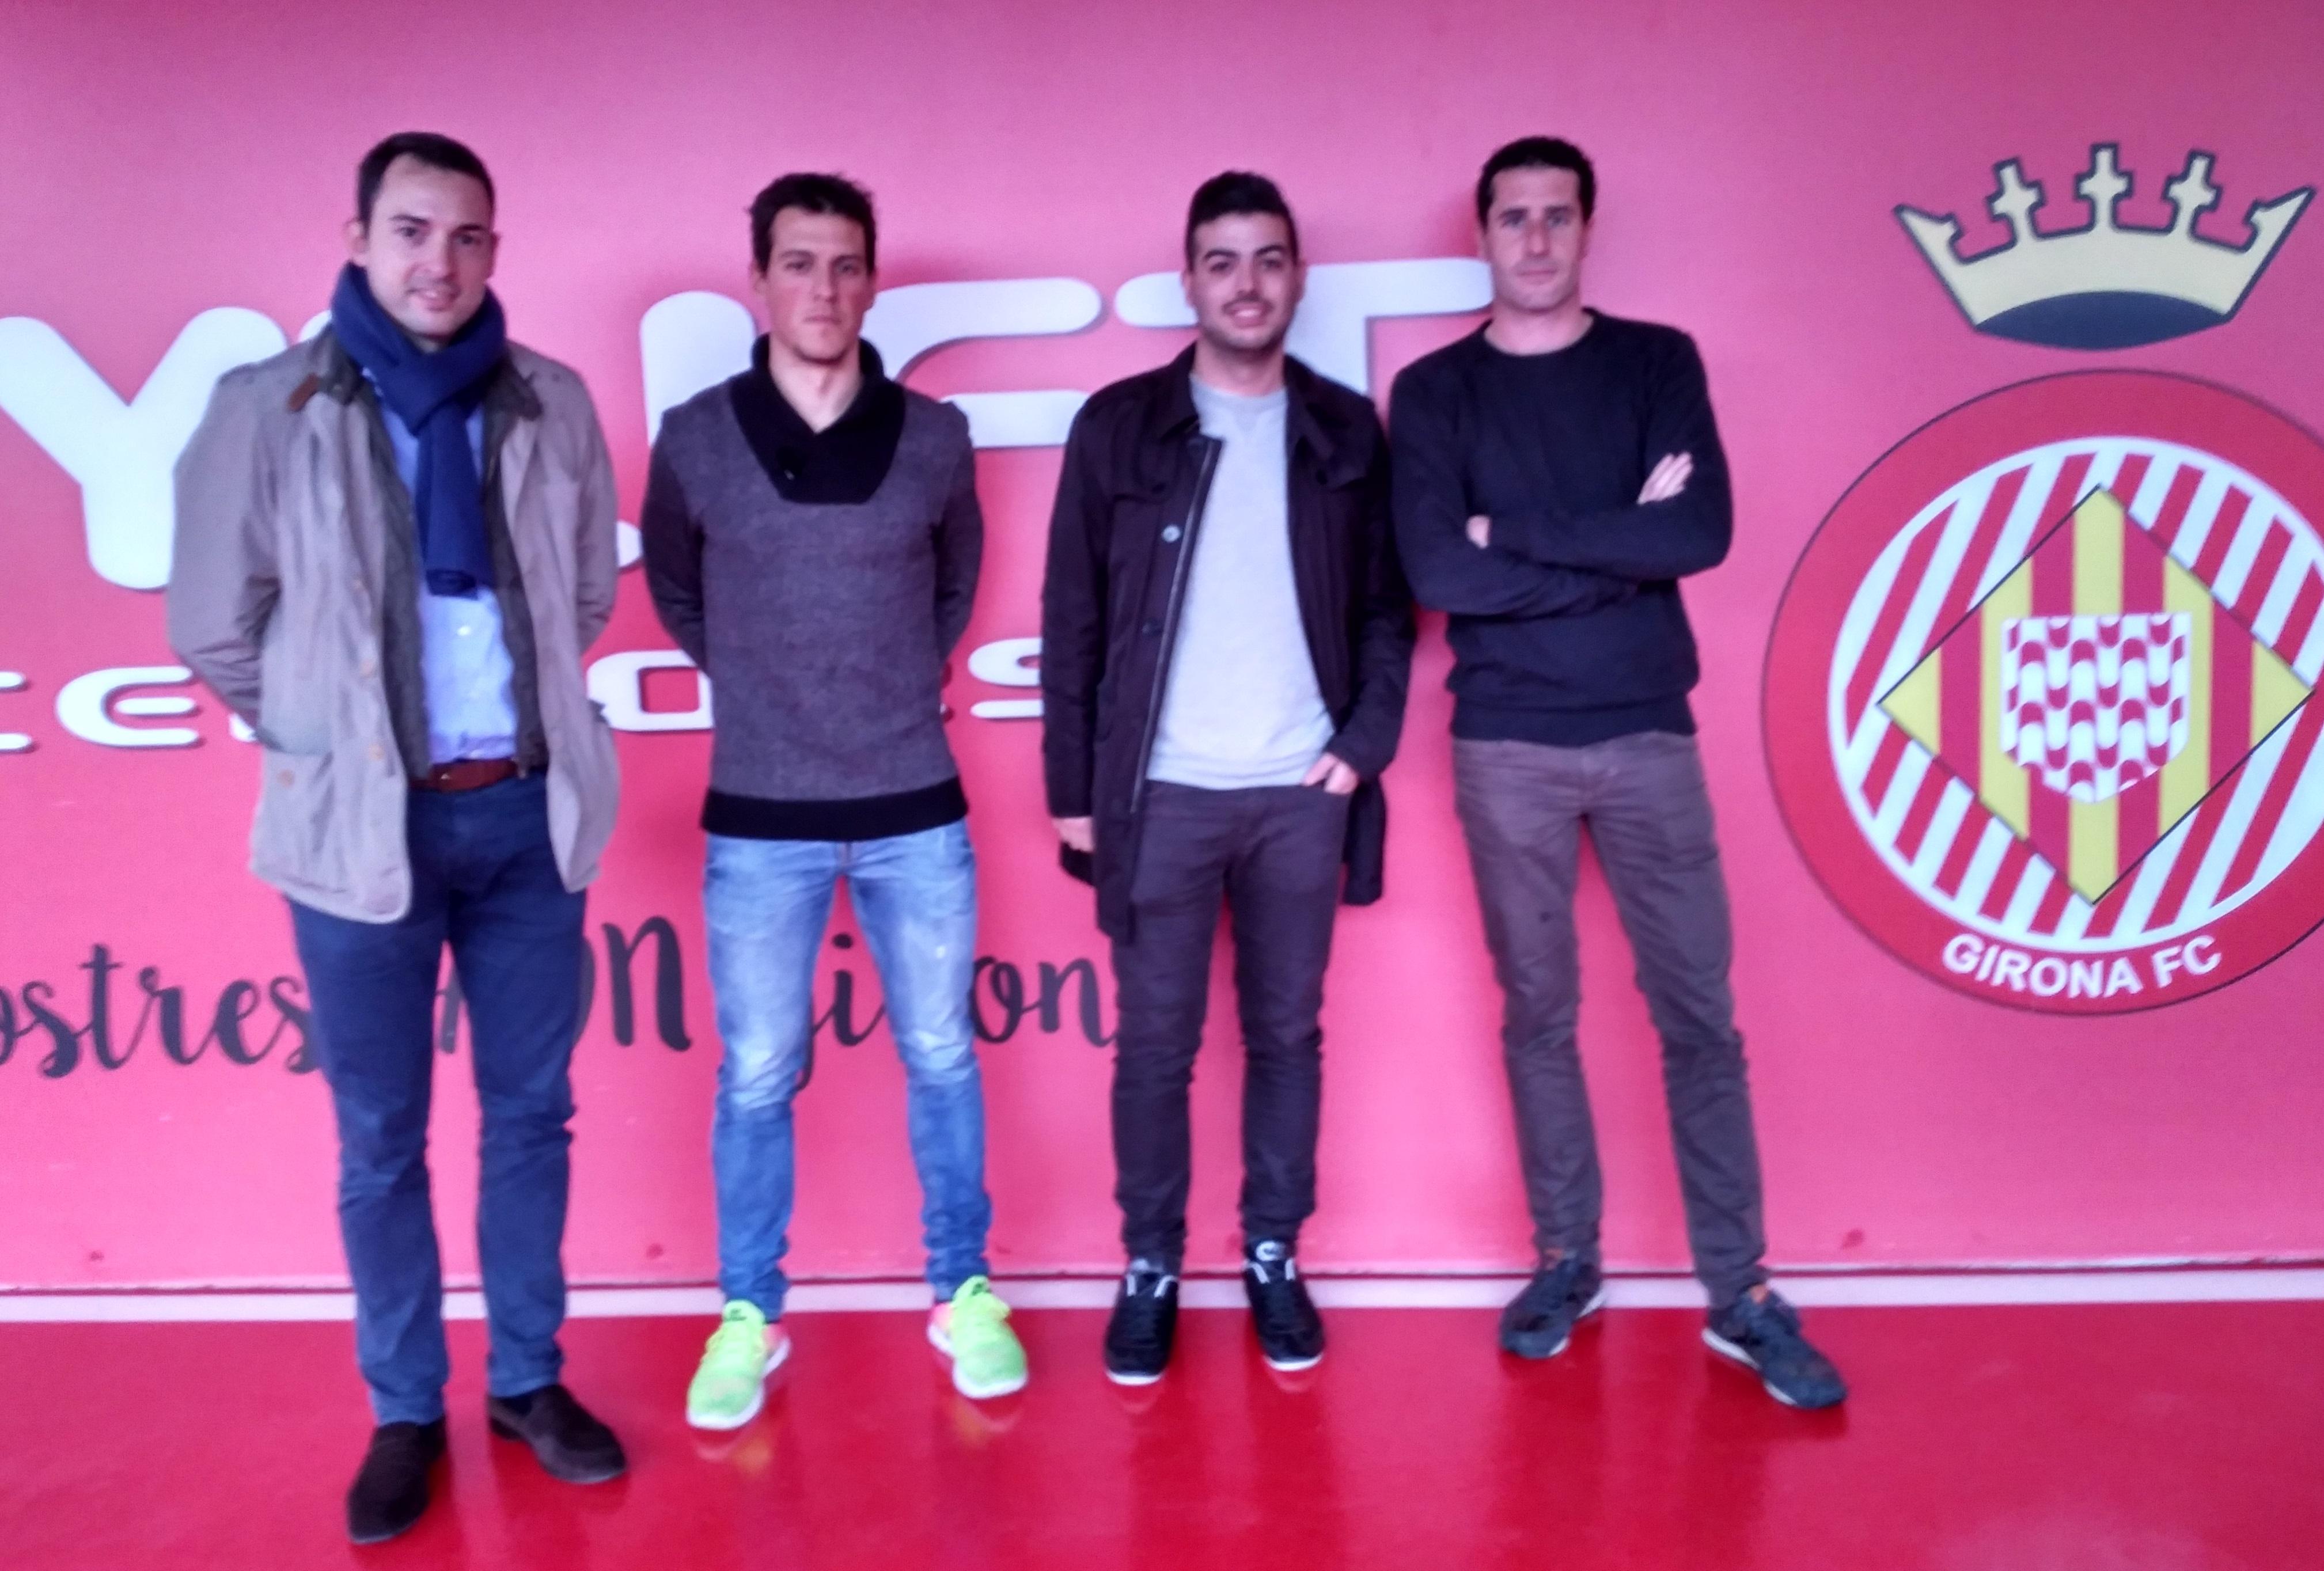 Dos estudiants de 3r de CAFE, Joel Caparrós i Joel Vila, realitzaran les pràctiques extracurriculars al Girona FC